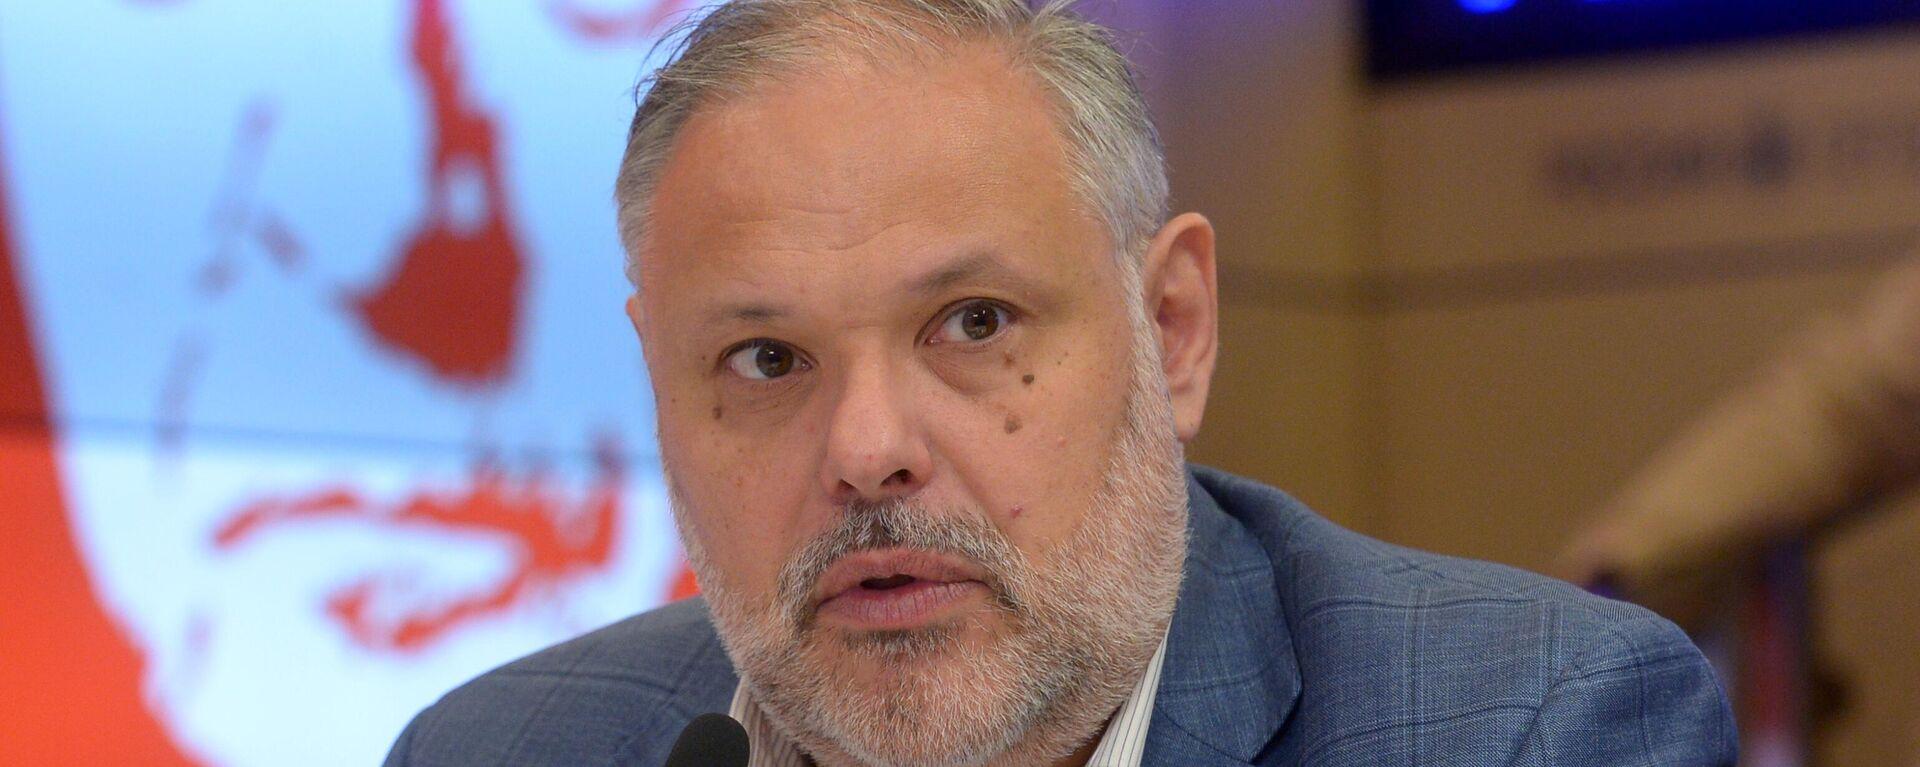 Эксперт объяснил, почему растут цены на газ в Европе - видео - Sputnik Грузия, 1920, 20.09.2021